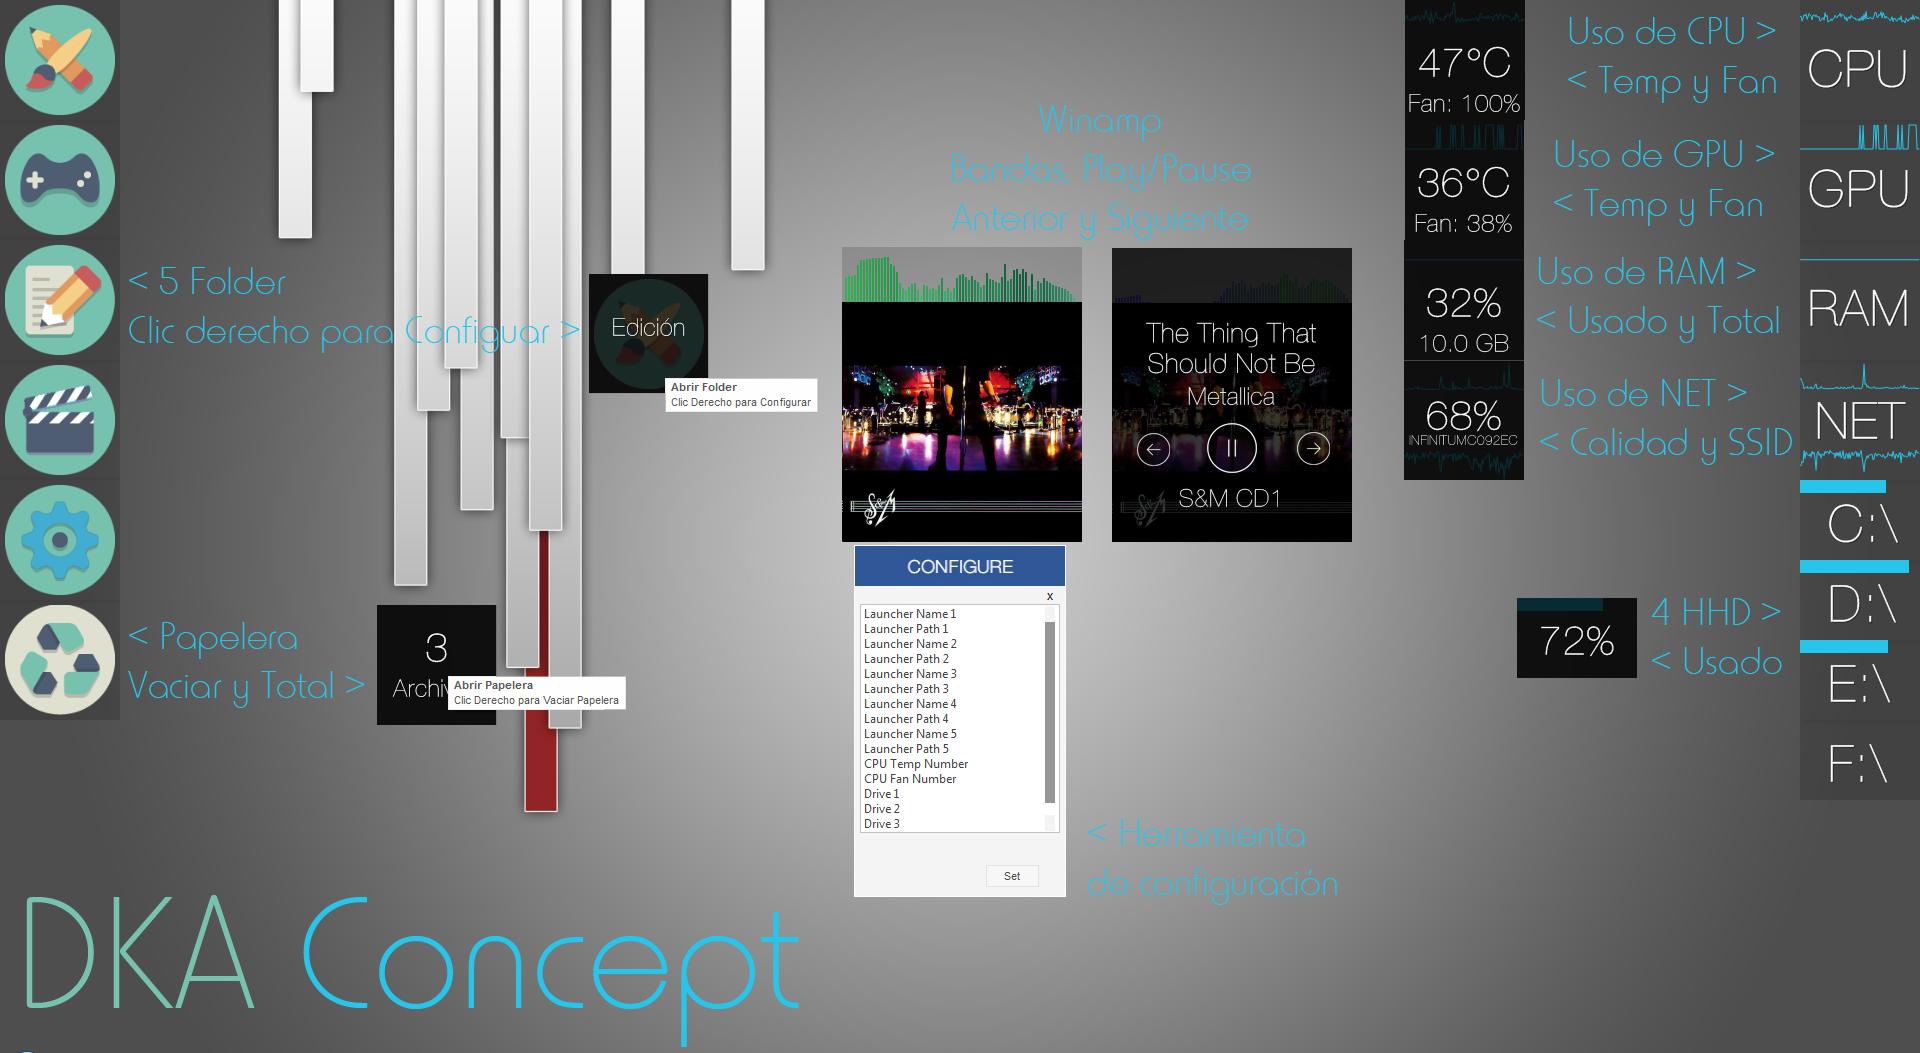 Dka Concept by rockhevy1000